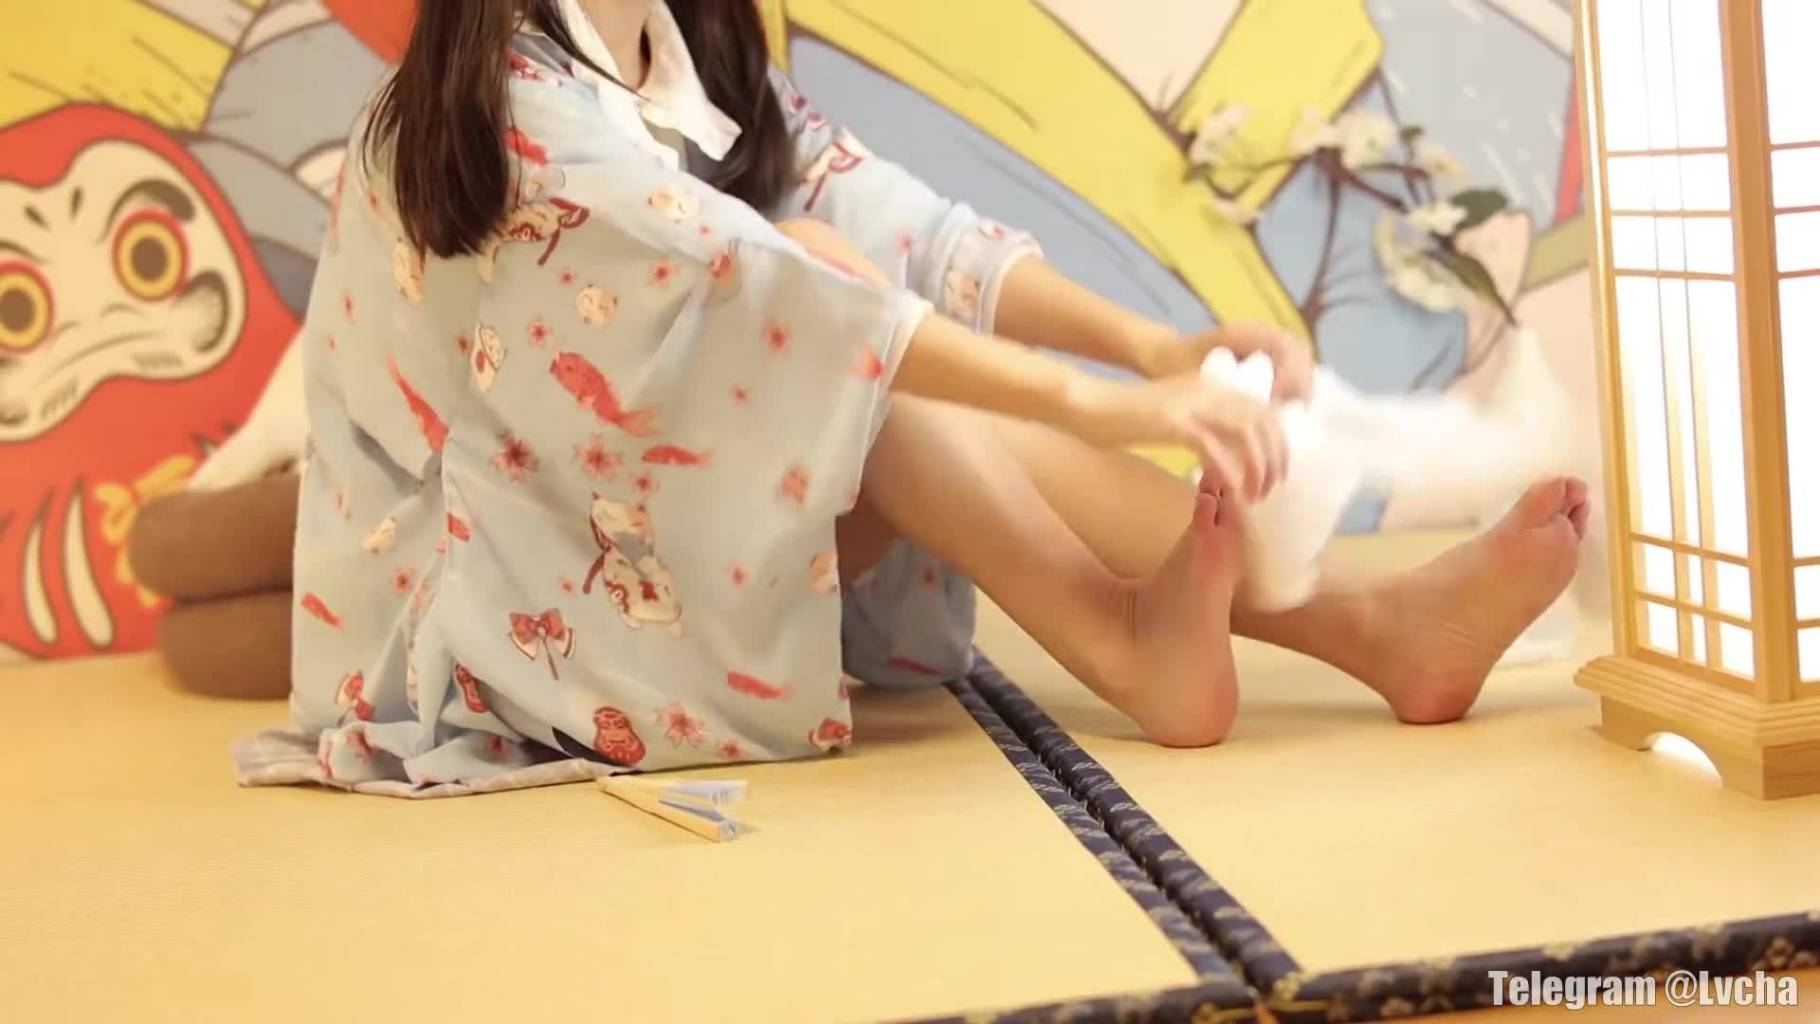 萝莉白色丝袜秀腿控进-村花论坛